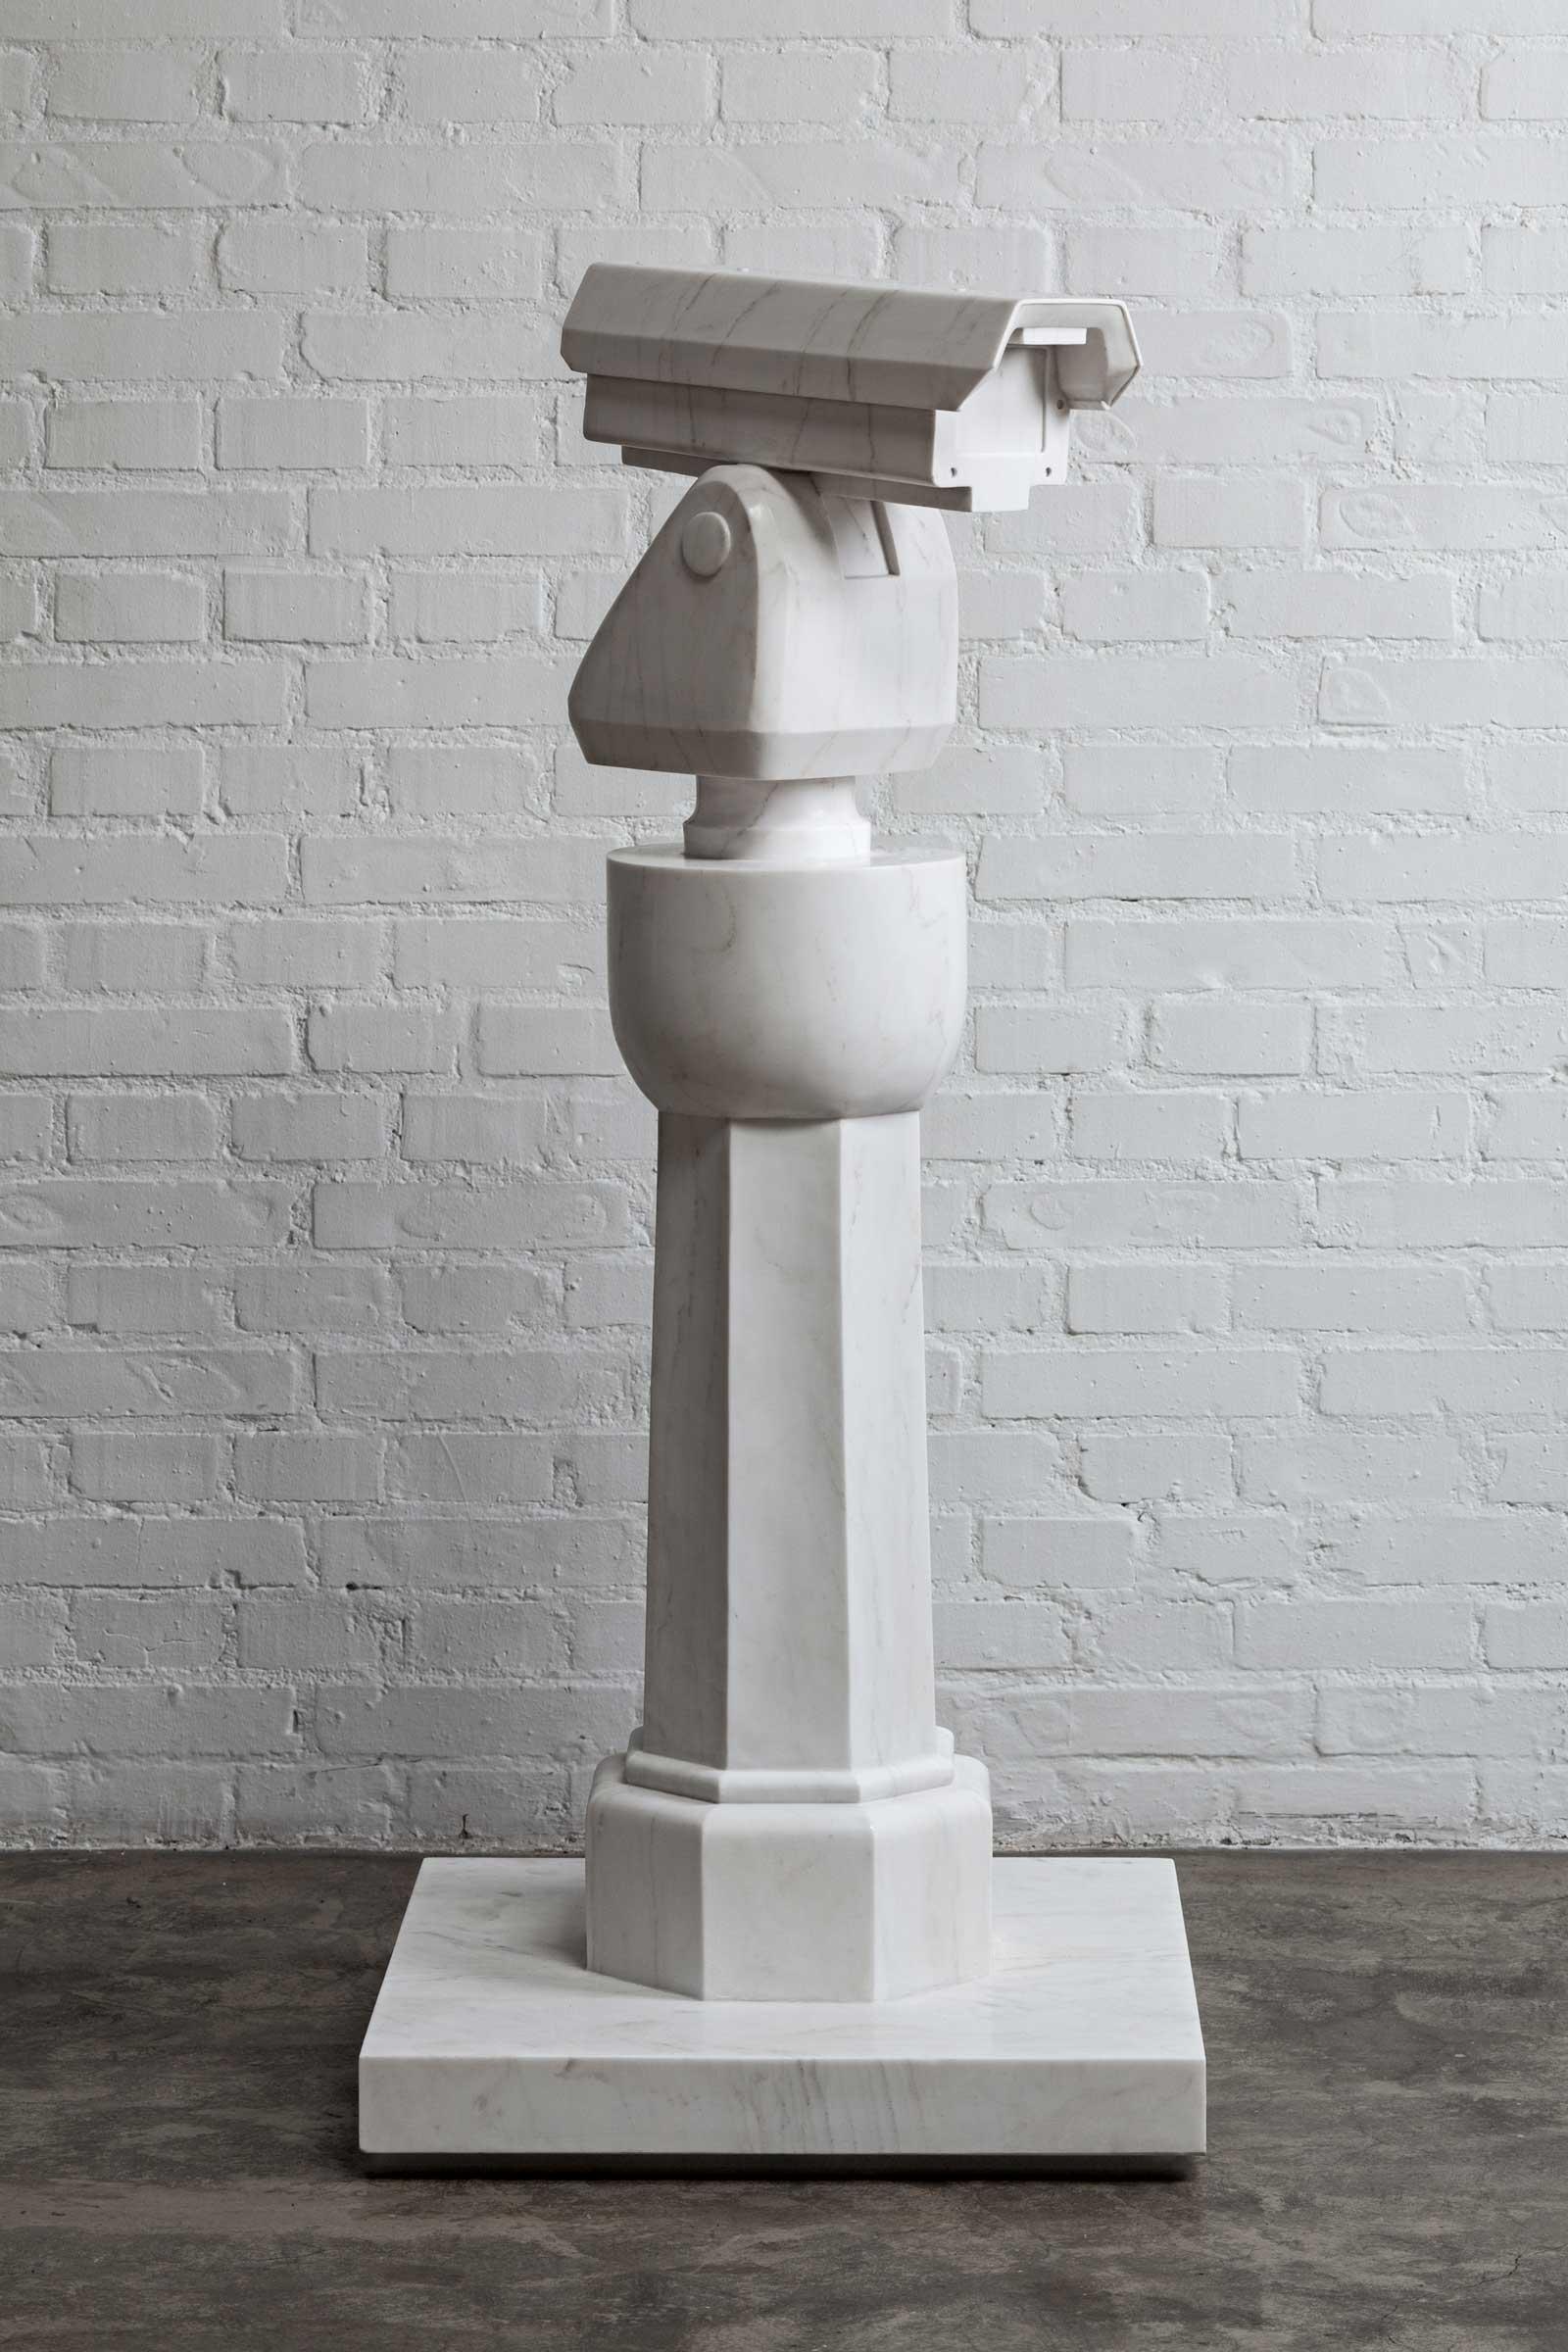 Camera with Plinth  (2015) Ai Weiwei